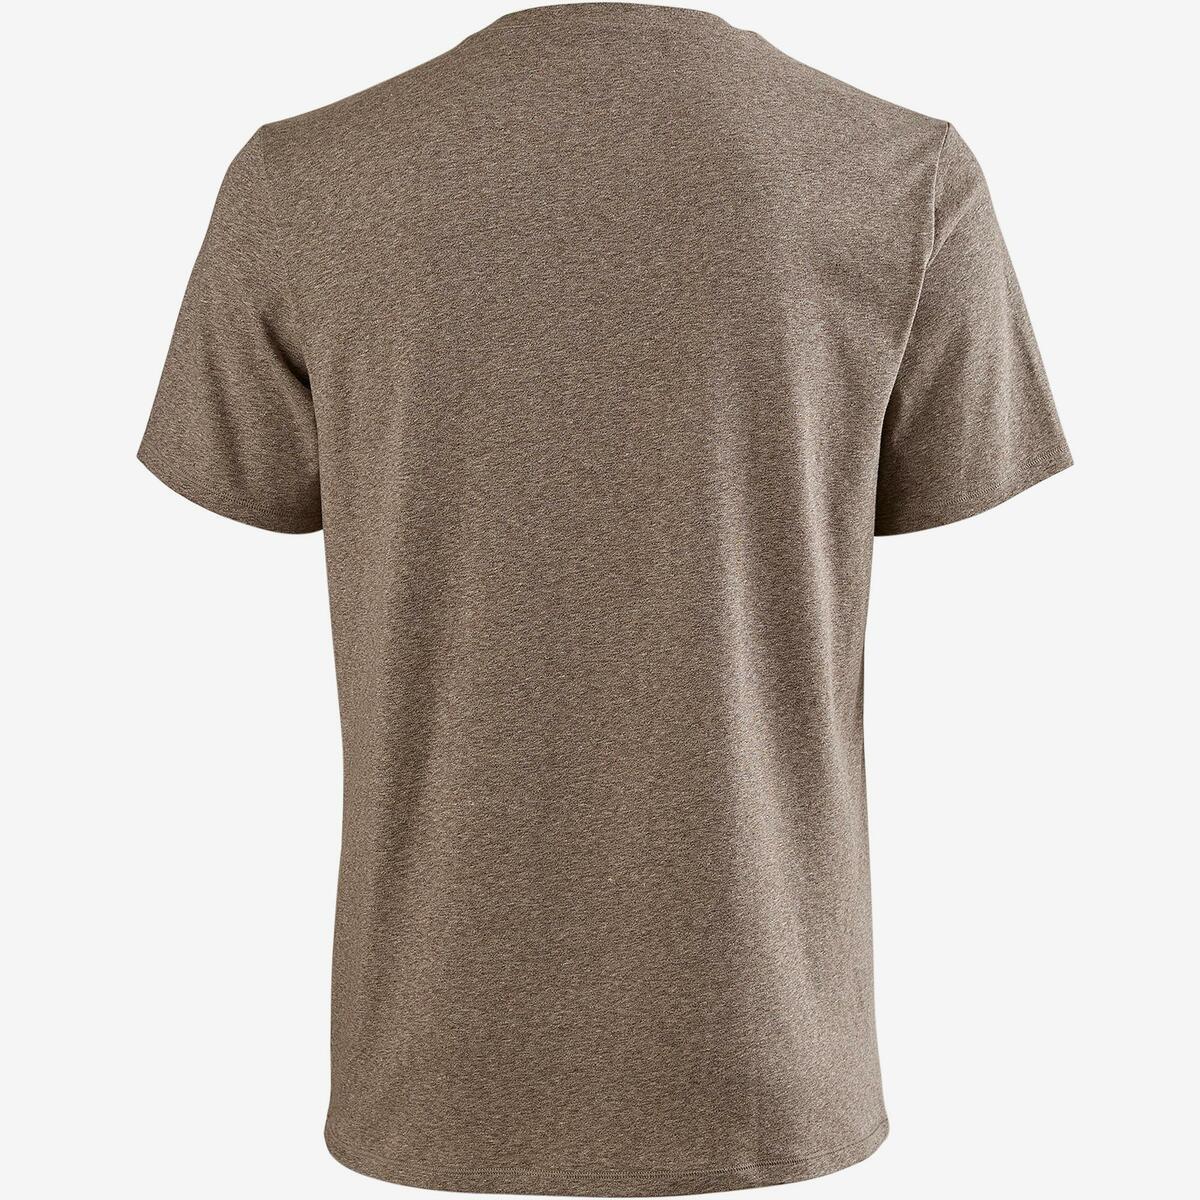 Bild 3 von T-Shirt 500 Regular Gym & Pilates Herren braun meliert